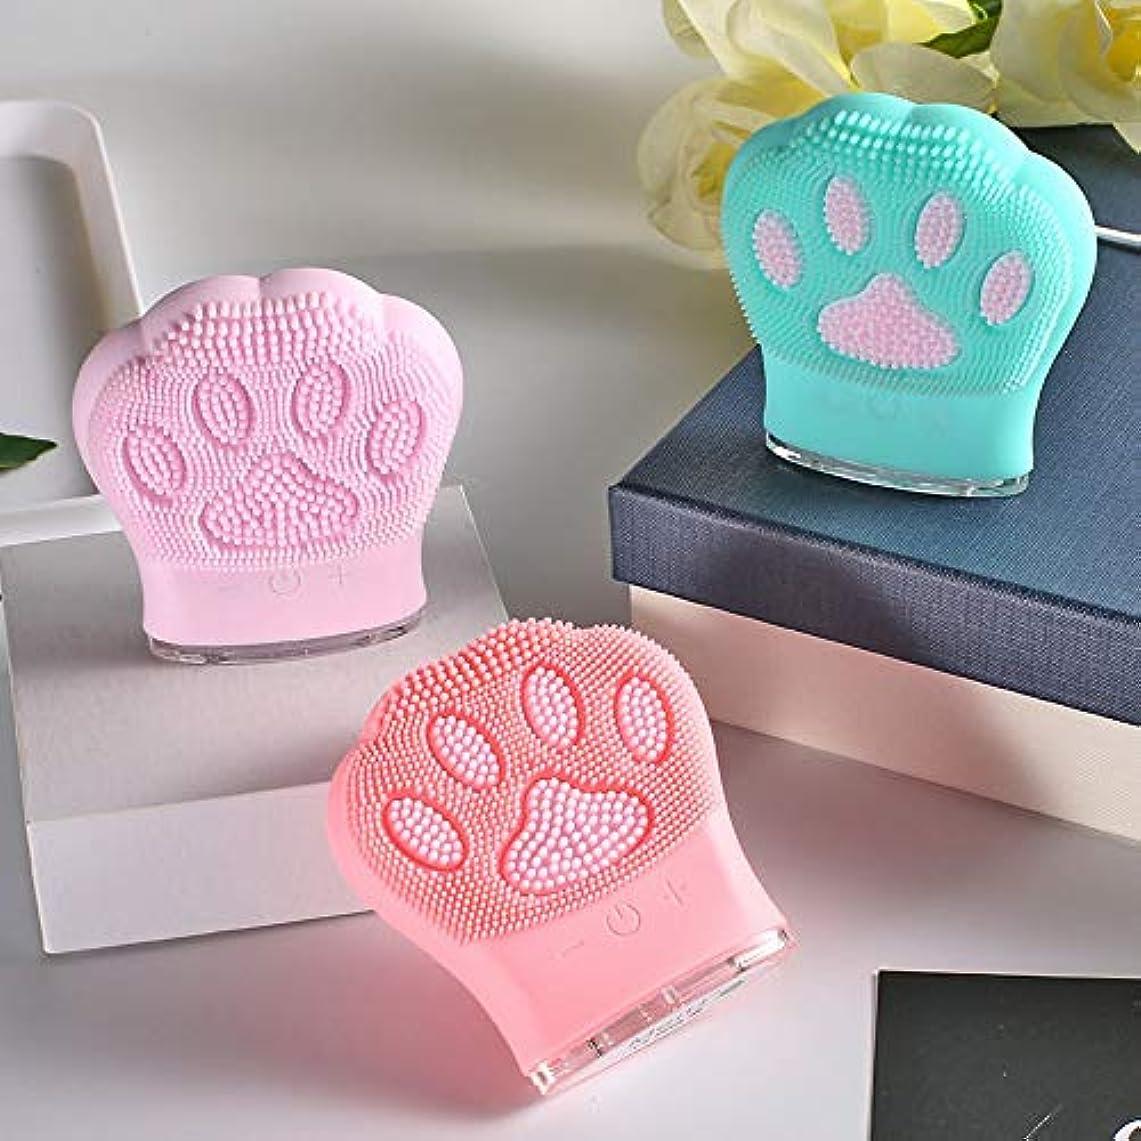 八百屋規制するキャンバスZXF 新しい猫の爪形状シリコーンクレンジング楽器超音波充電洗顔器具ガールフレンド小さなギフト洗浄ブラシピンク赤青セクション 滑らかである (色 : Pink)